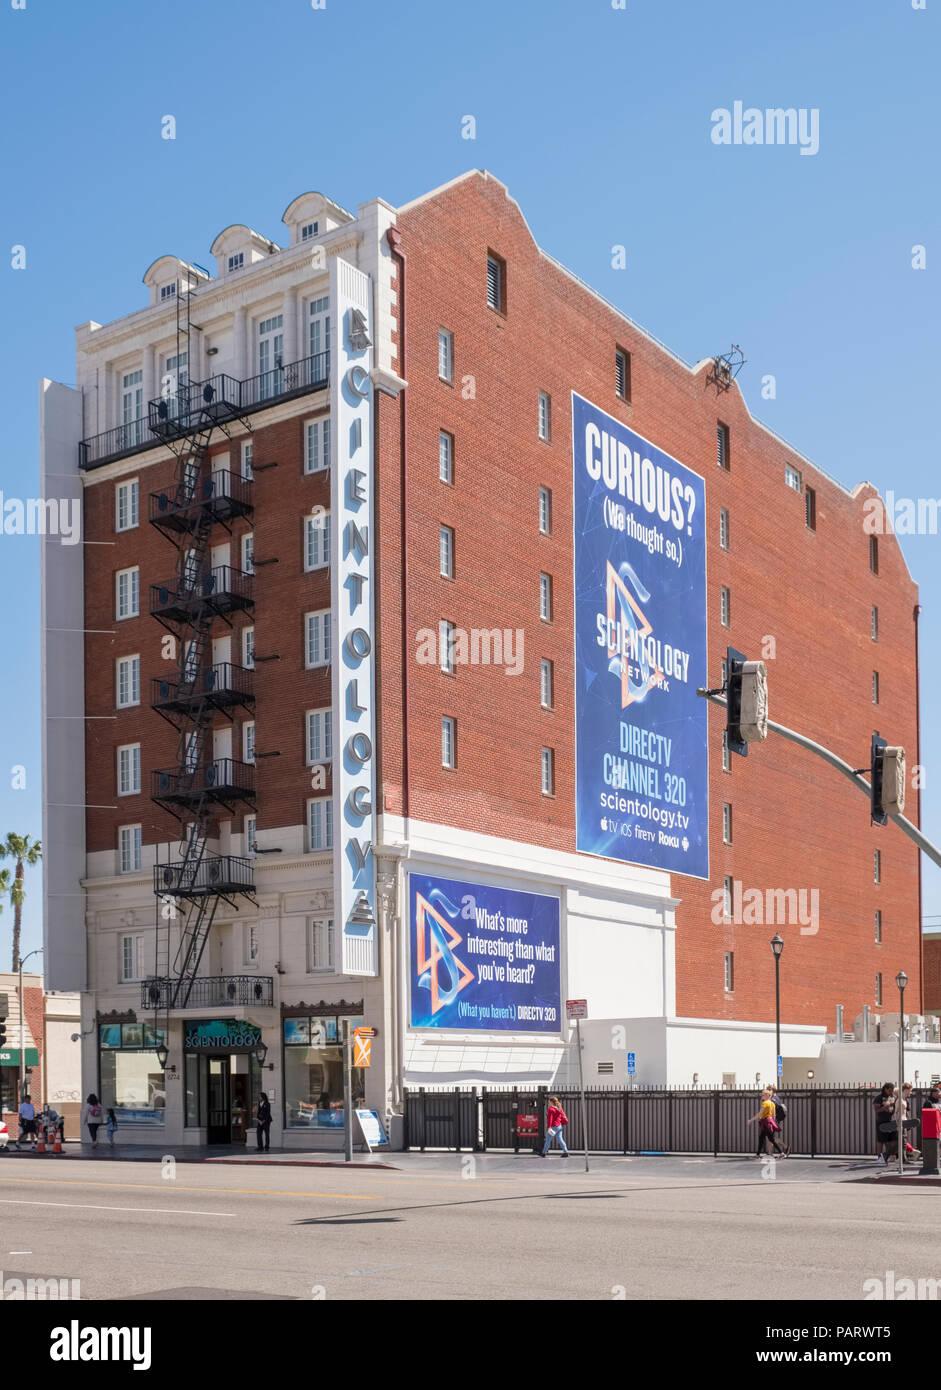 Centro de pruebas de Cienciología en Hollywood, Los Ángeles, Los Ángeles, California, EE.UU. Imagen De Stock